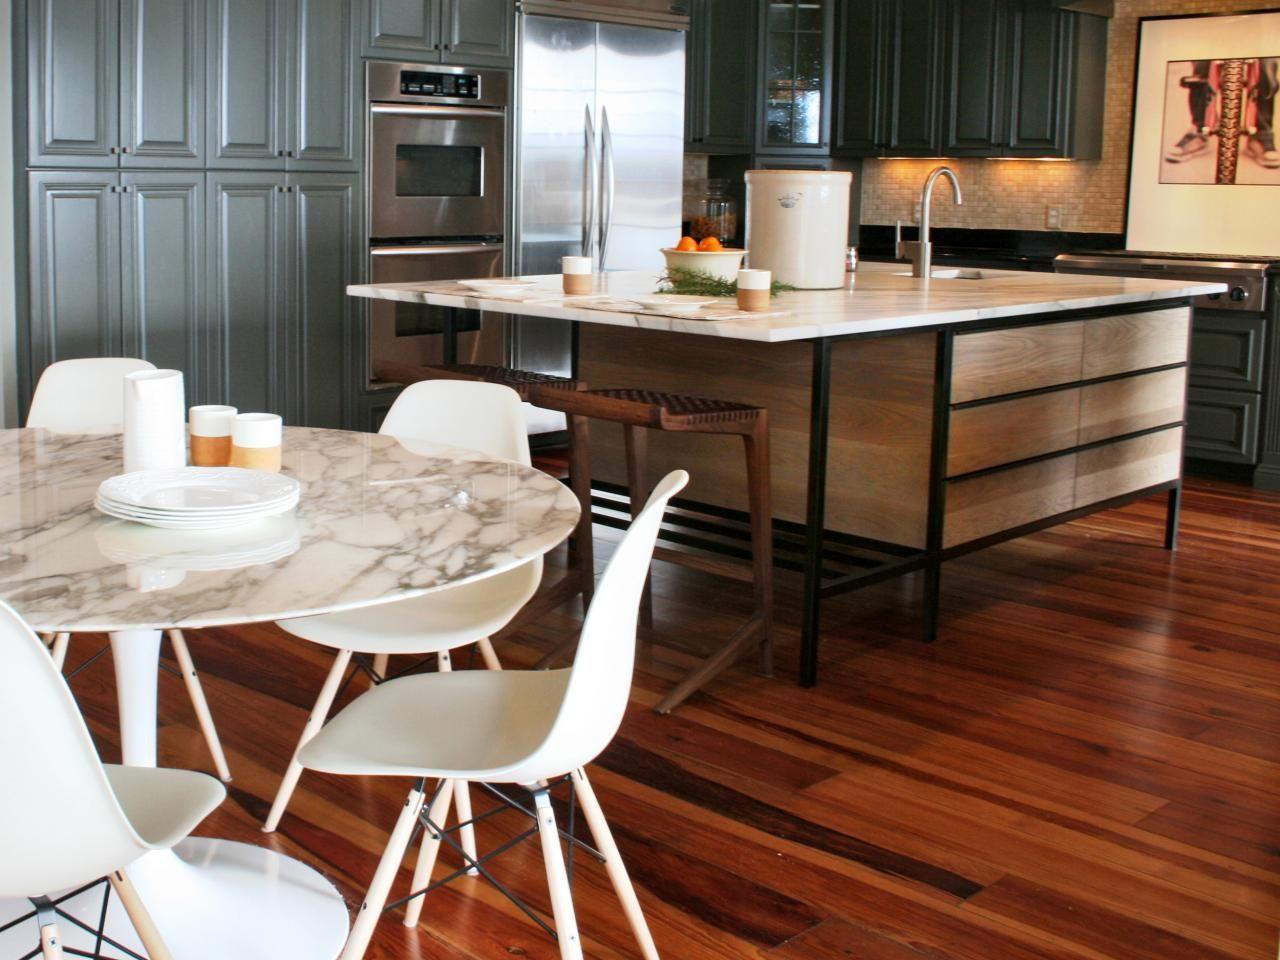 Küchenschränke design  beste küchenschränke modern für ihr zuhause  küche design